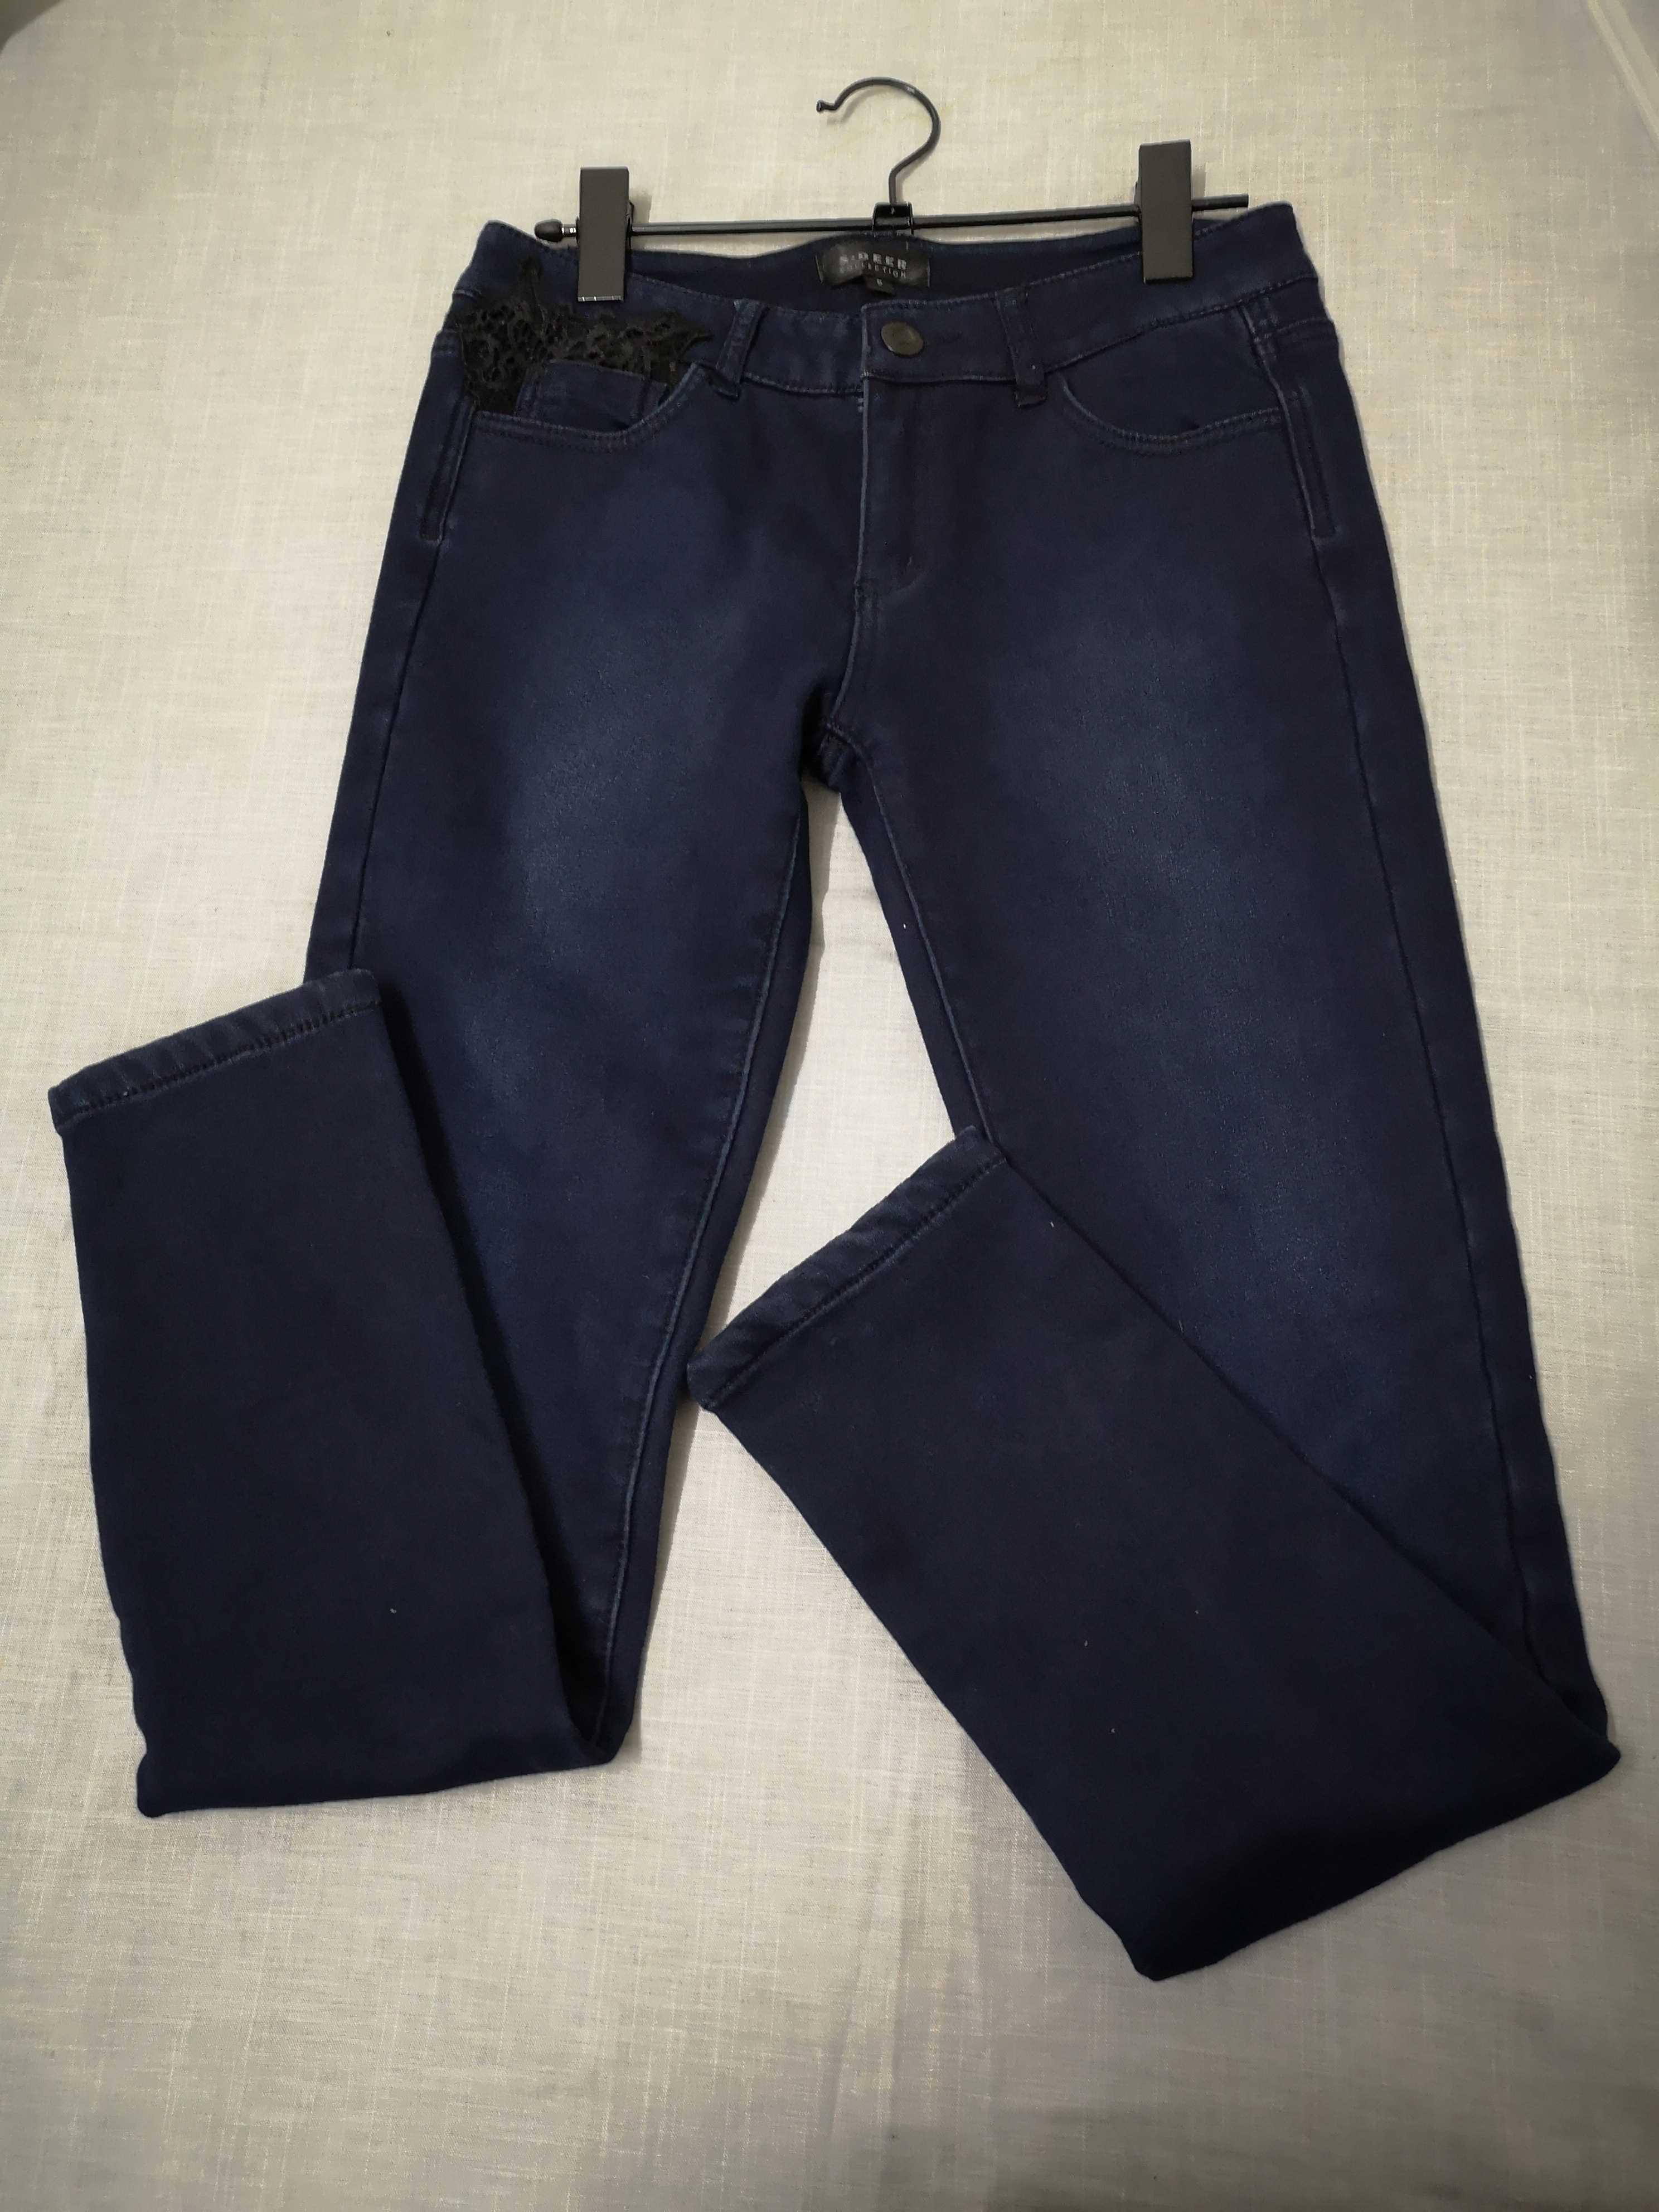 S新款免淘圣迪奥黑色偏小品牌折扣女款特卖加绒女裤长裤牛仔棉裤